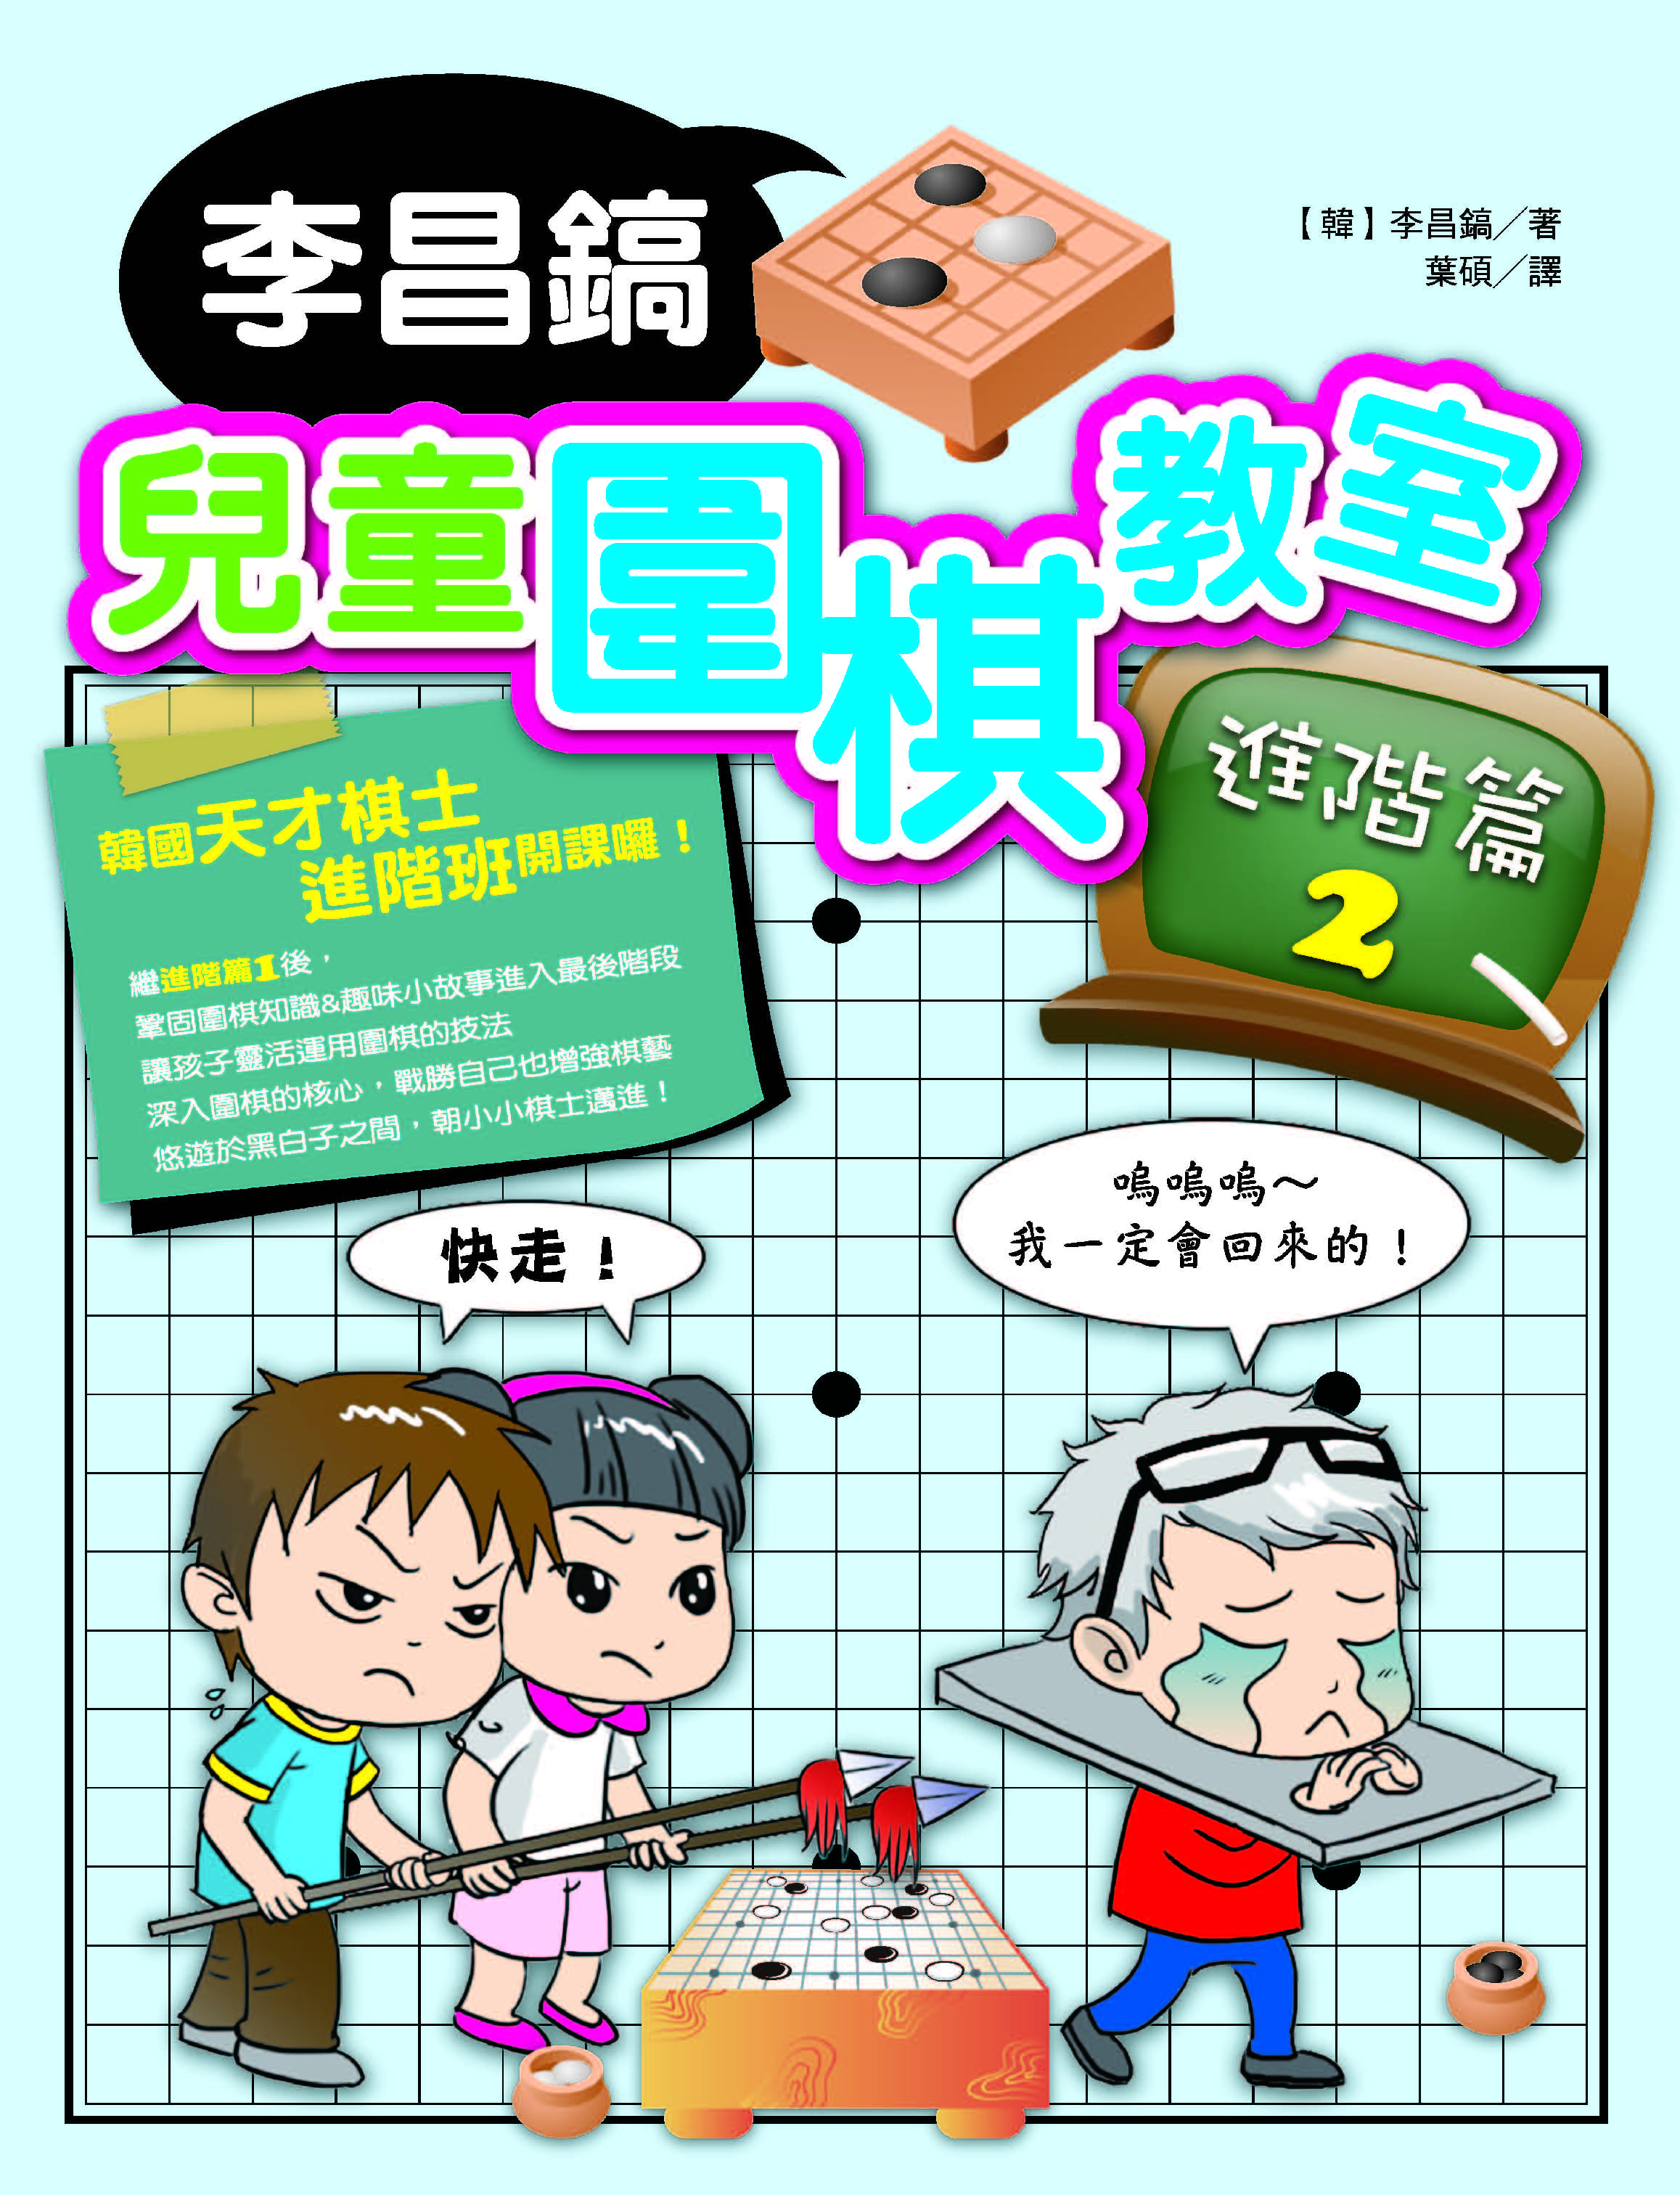 李昌鎬兒童圍棋教室, 進階篇, 2